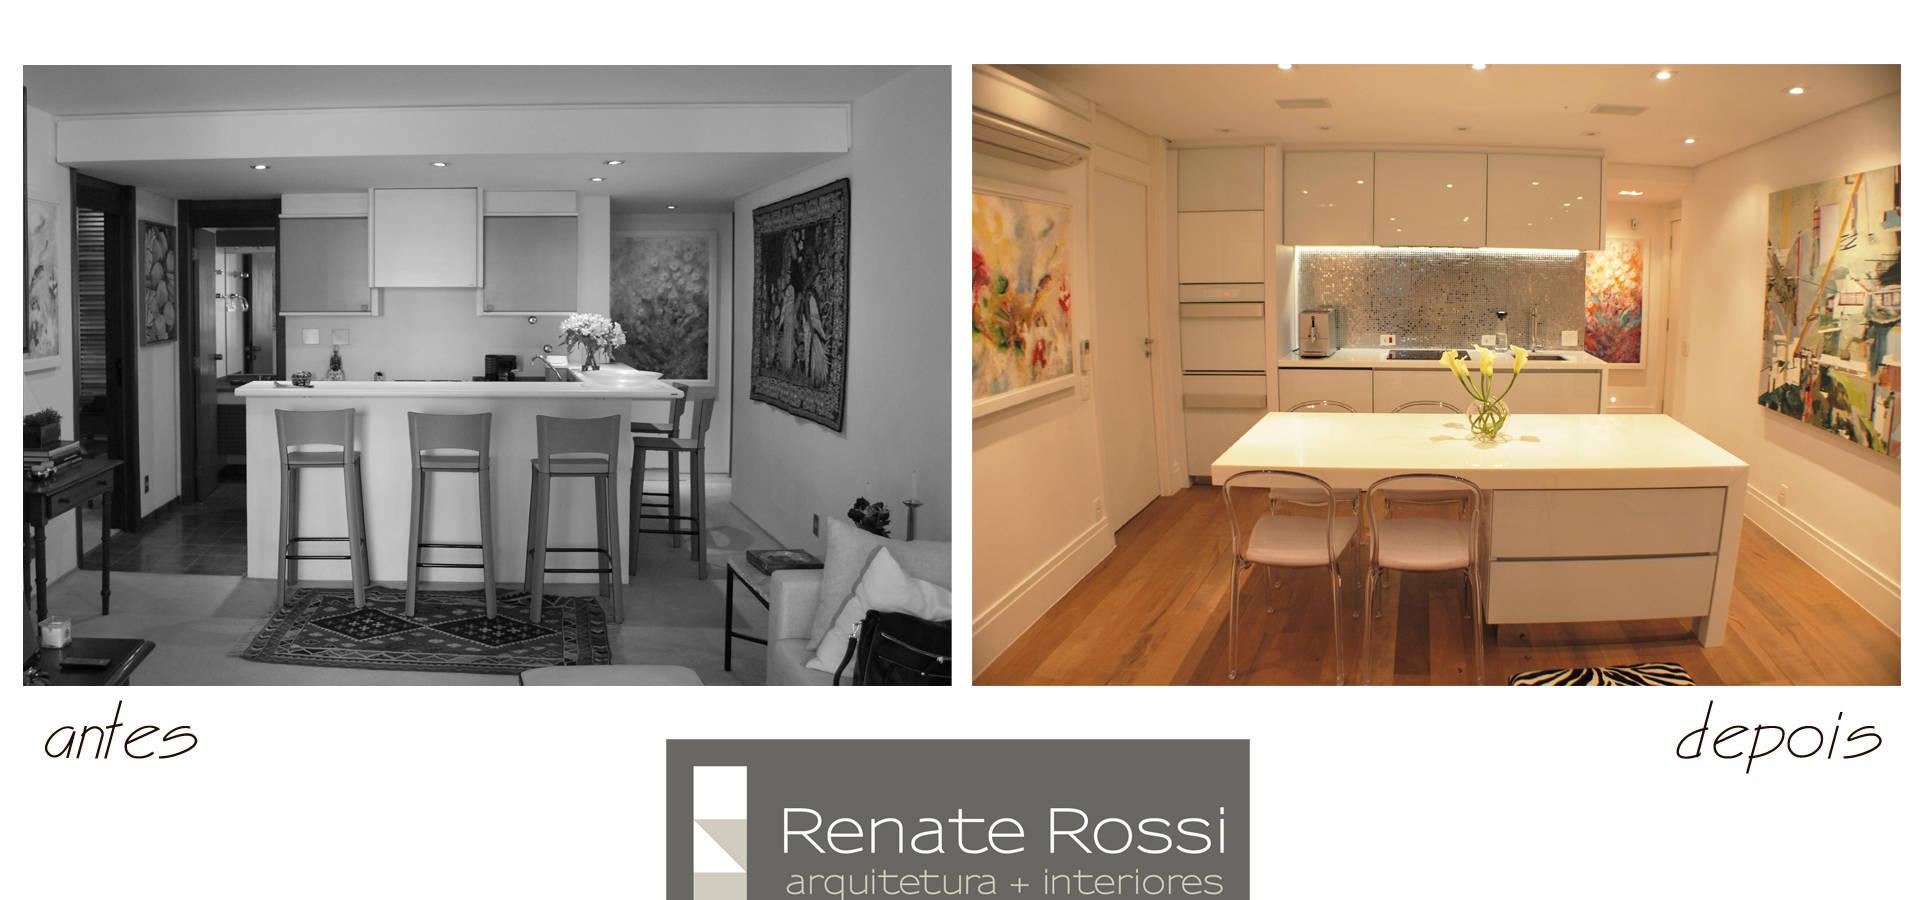 Renate Rossi Arquitetura + Interiores